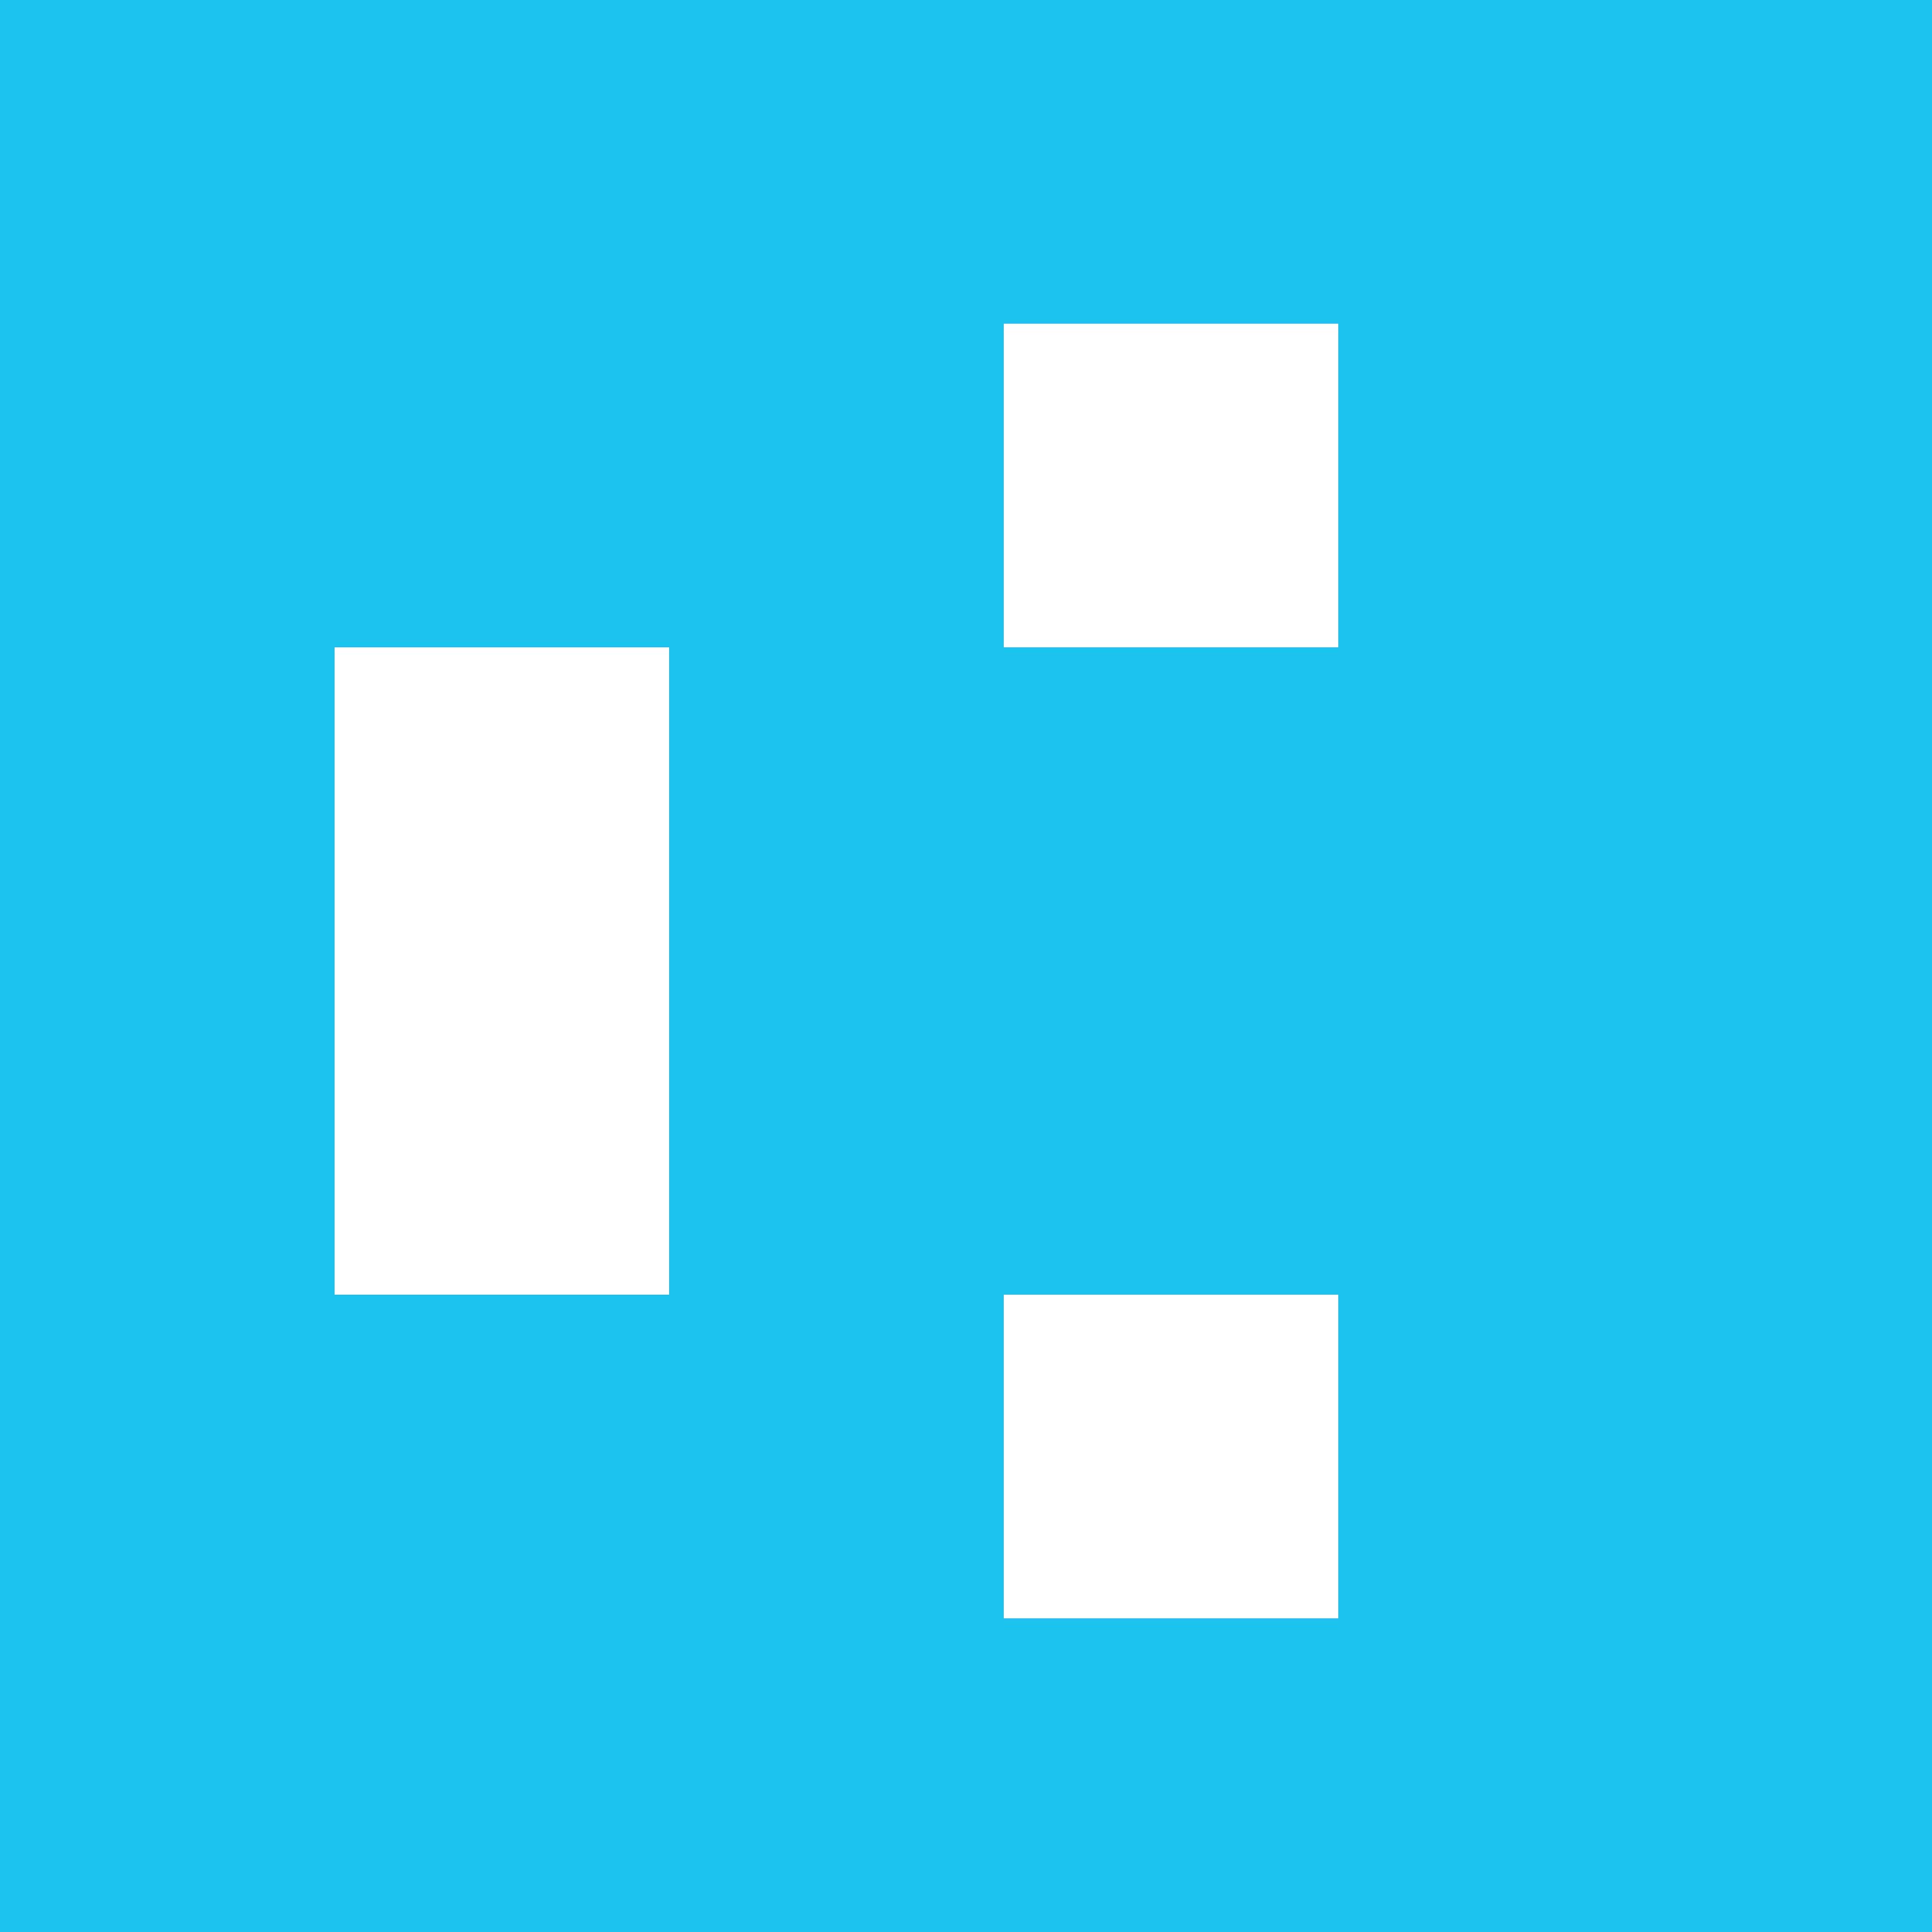 کانال اپارات شرکت نرم افزاری زرین